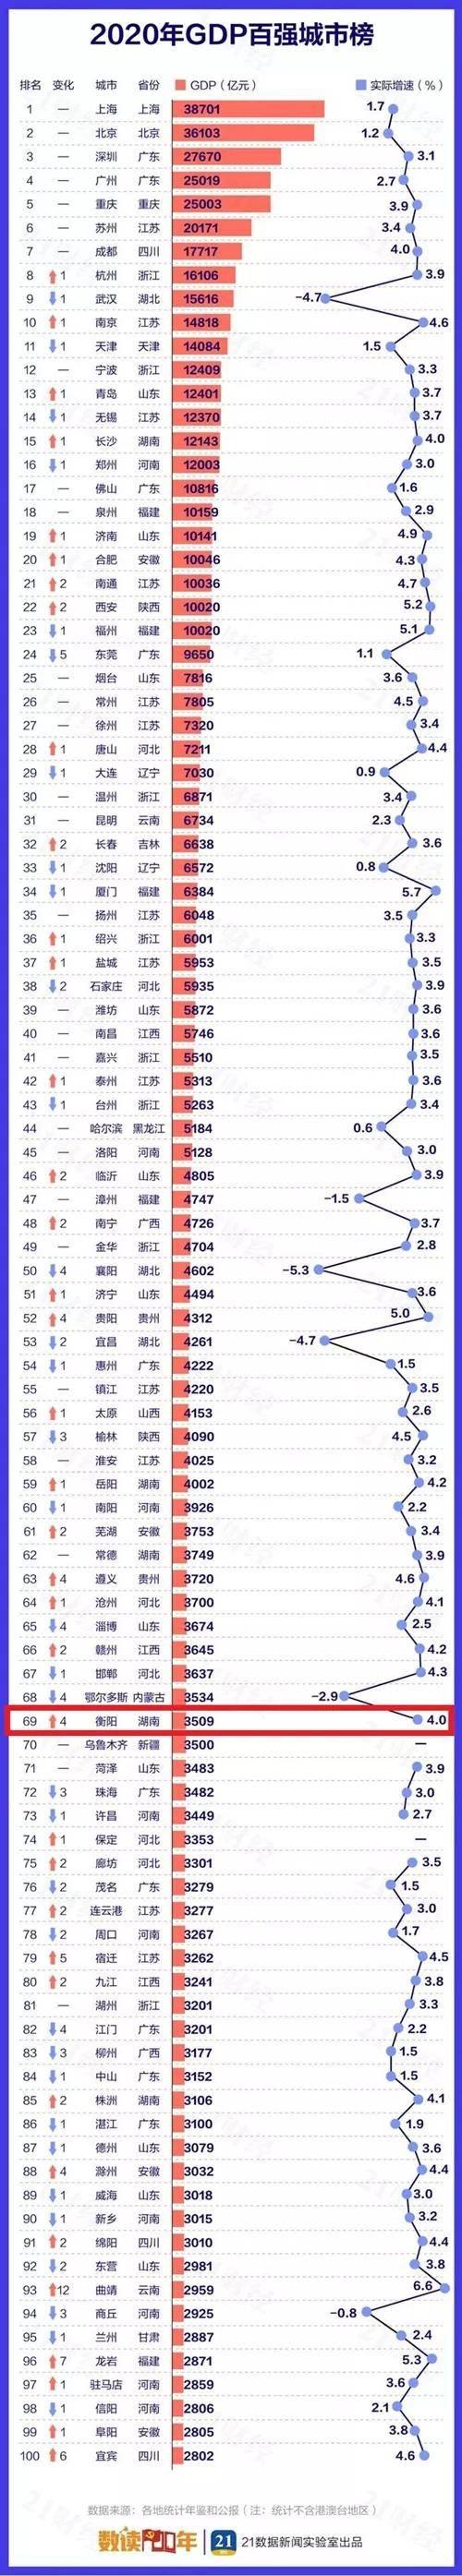 衡阳县gdp_湖南衡阳,上半年GDP达到了1592亿,赶超常德希望很大